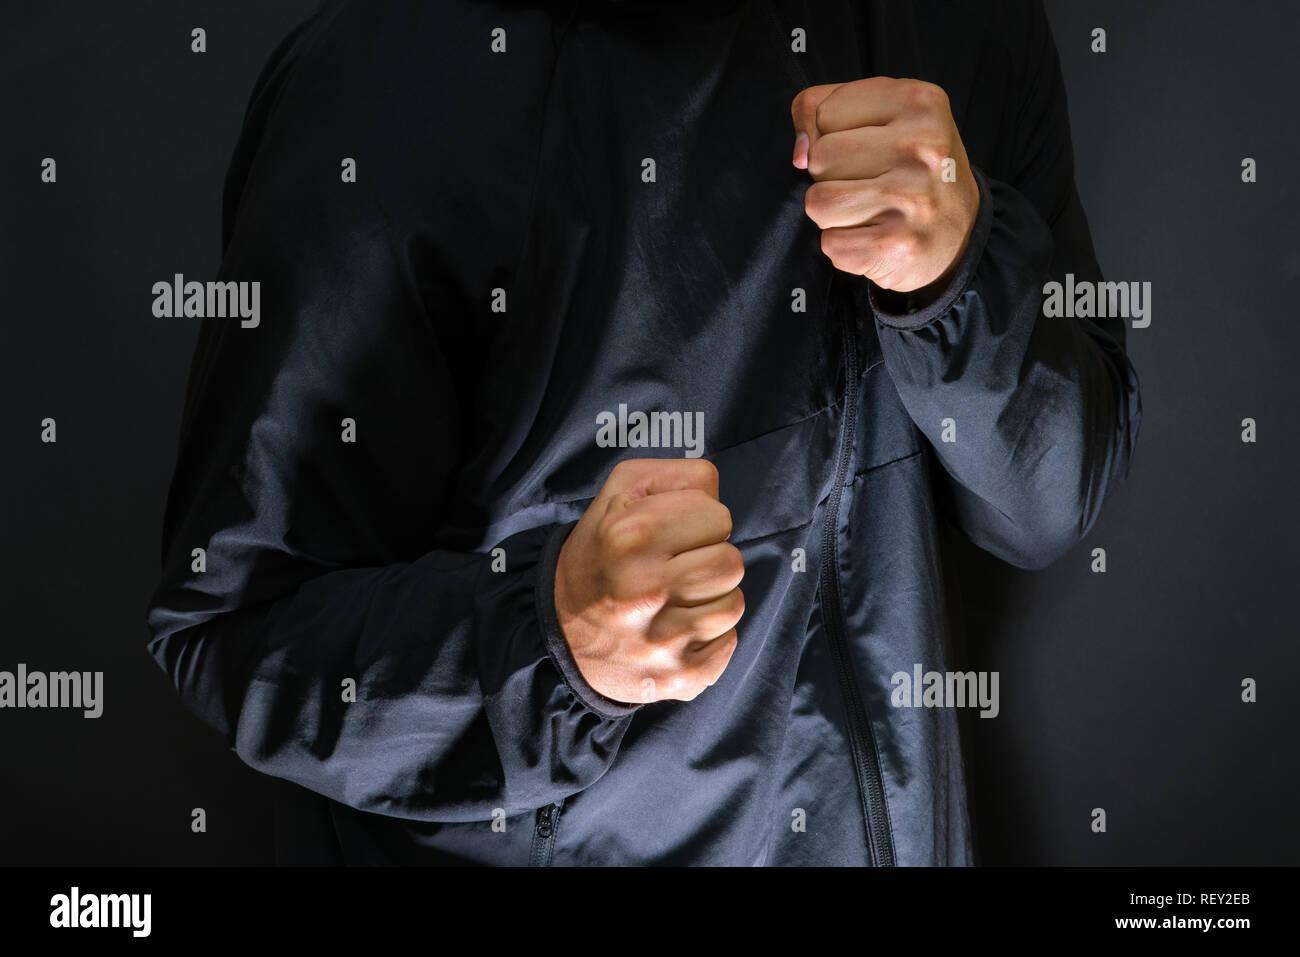 La violenza e la criminalità sulle strade, digital glitch effetto, vittima è punzonato e aggredito da aggressivo uomo violento in giacca con cappuccio, protezione CCTV camer Immagini Stock